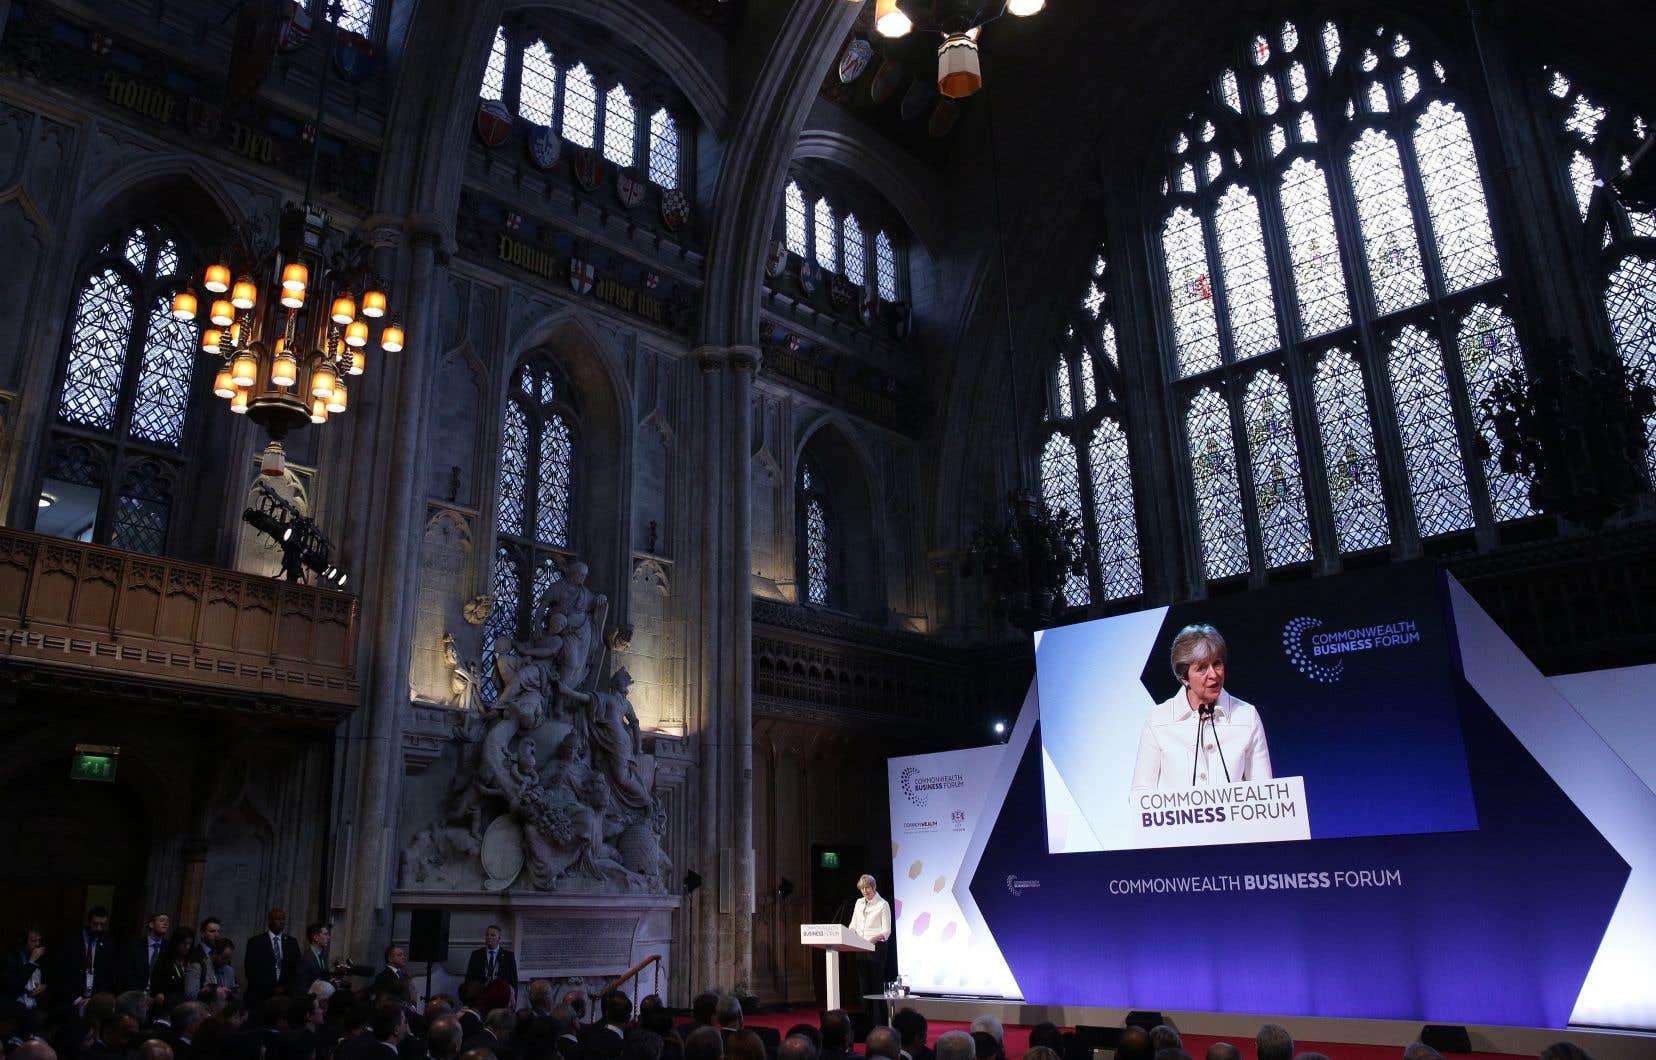 La première ministre du Royaume-Uni, Theresa May, a insisté sur la capacité du pays à resserrer les liens commerciaux avec la «famille du Commonwealth».